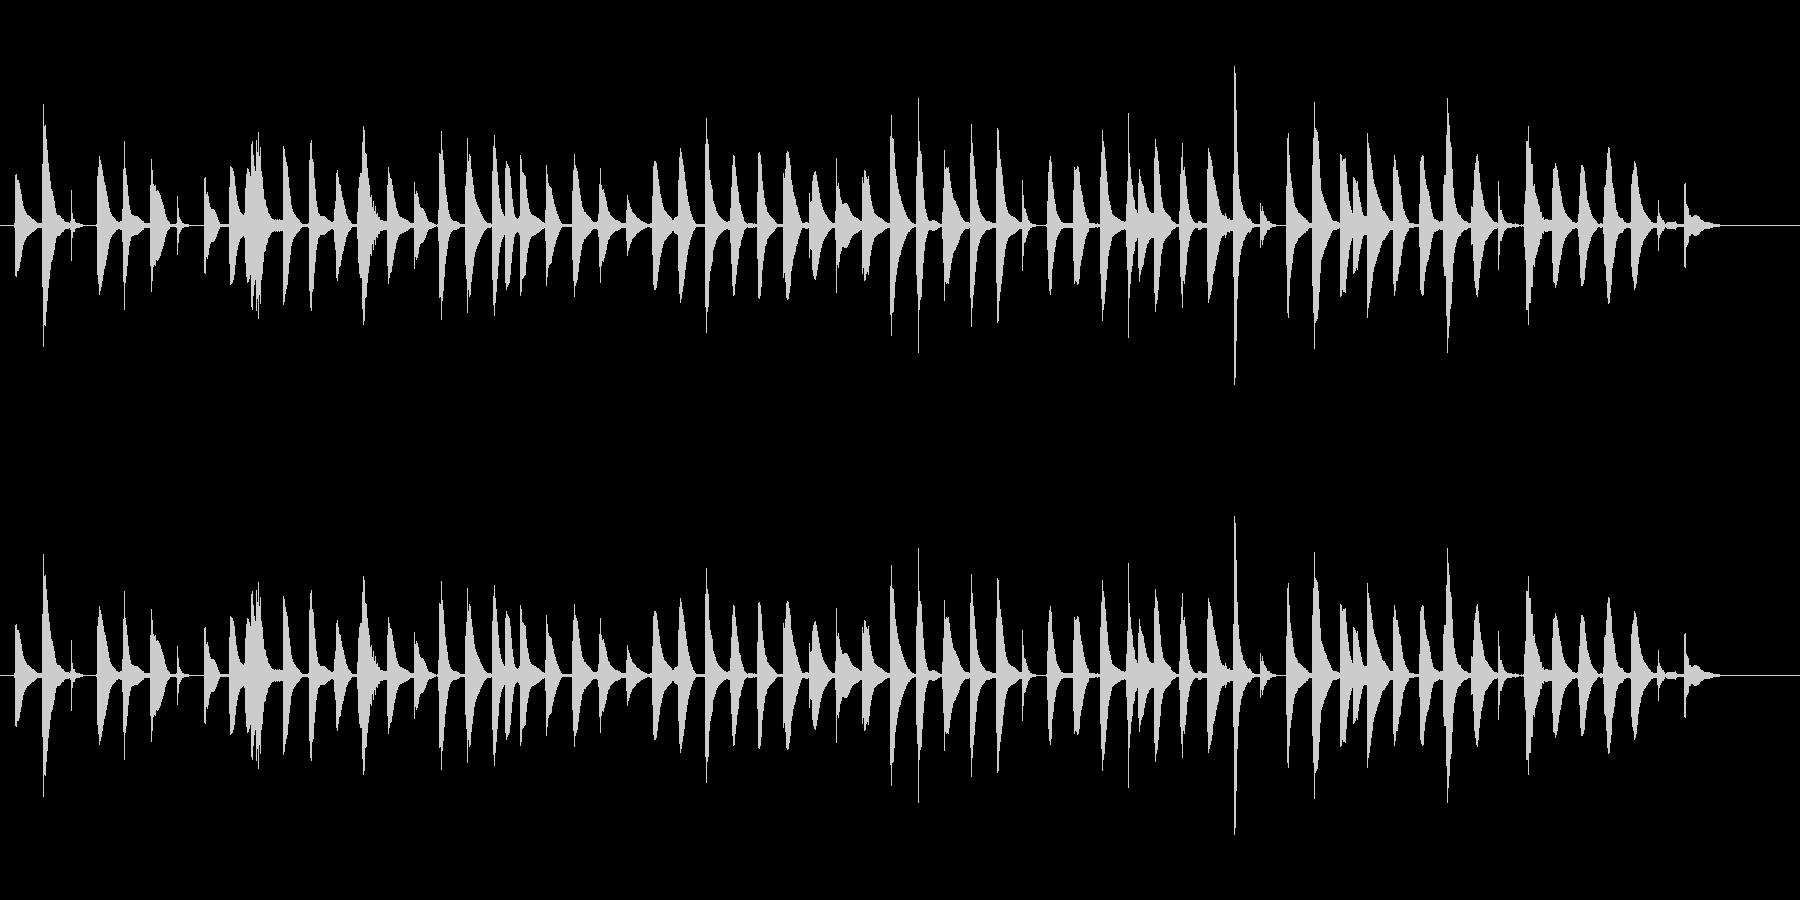 ほのぼの癒し系/バイオリンとビブラフォンの未再生の波形